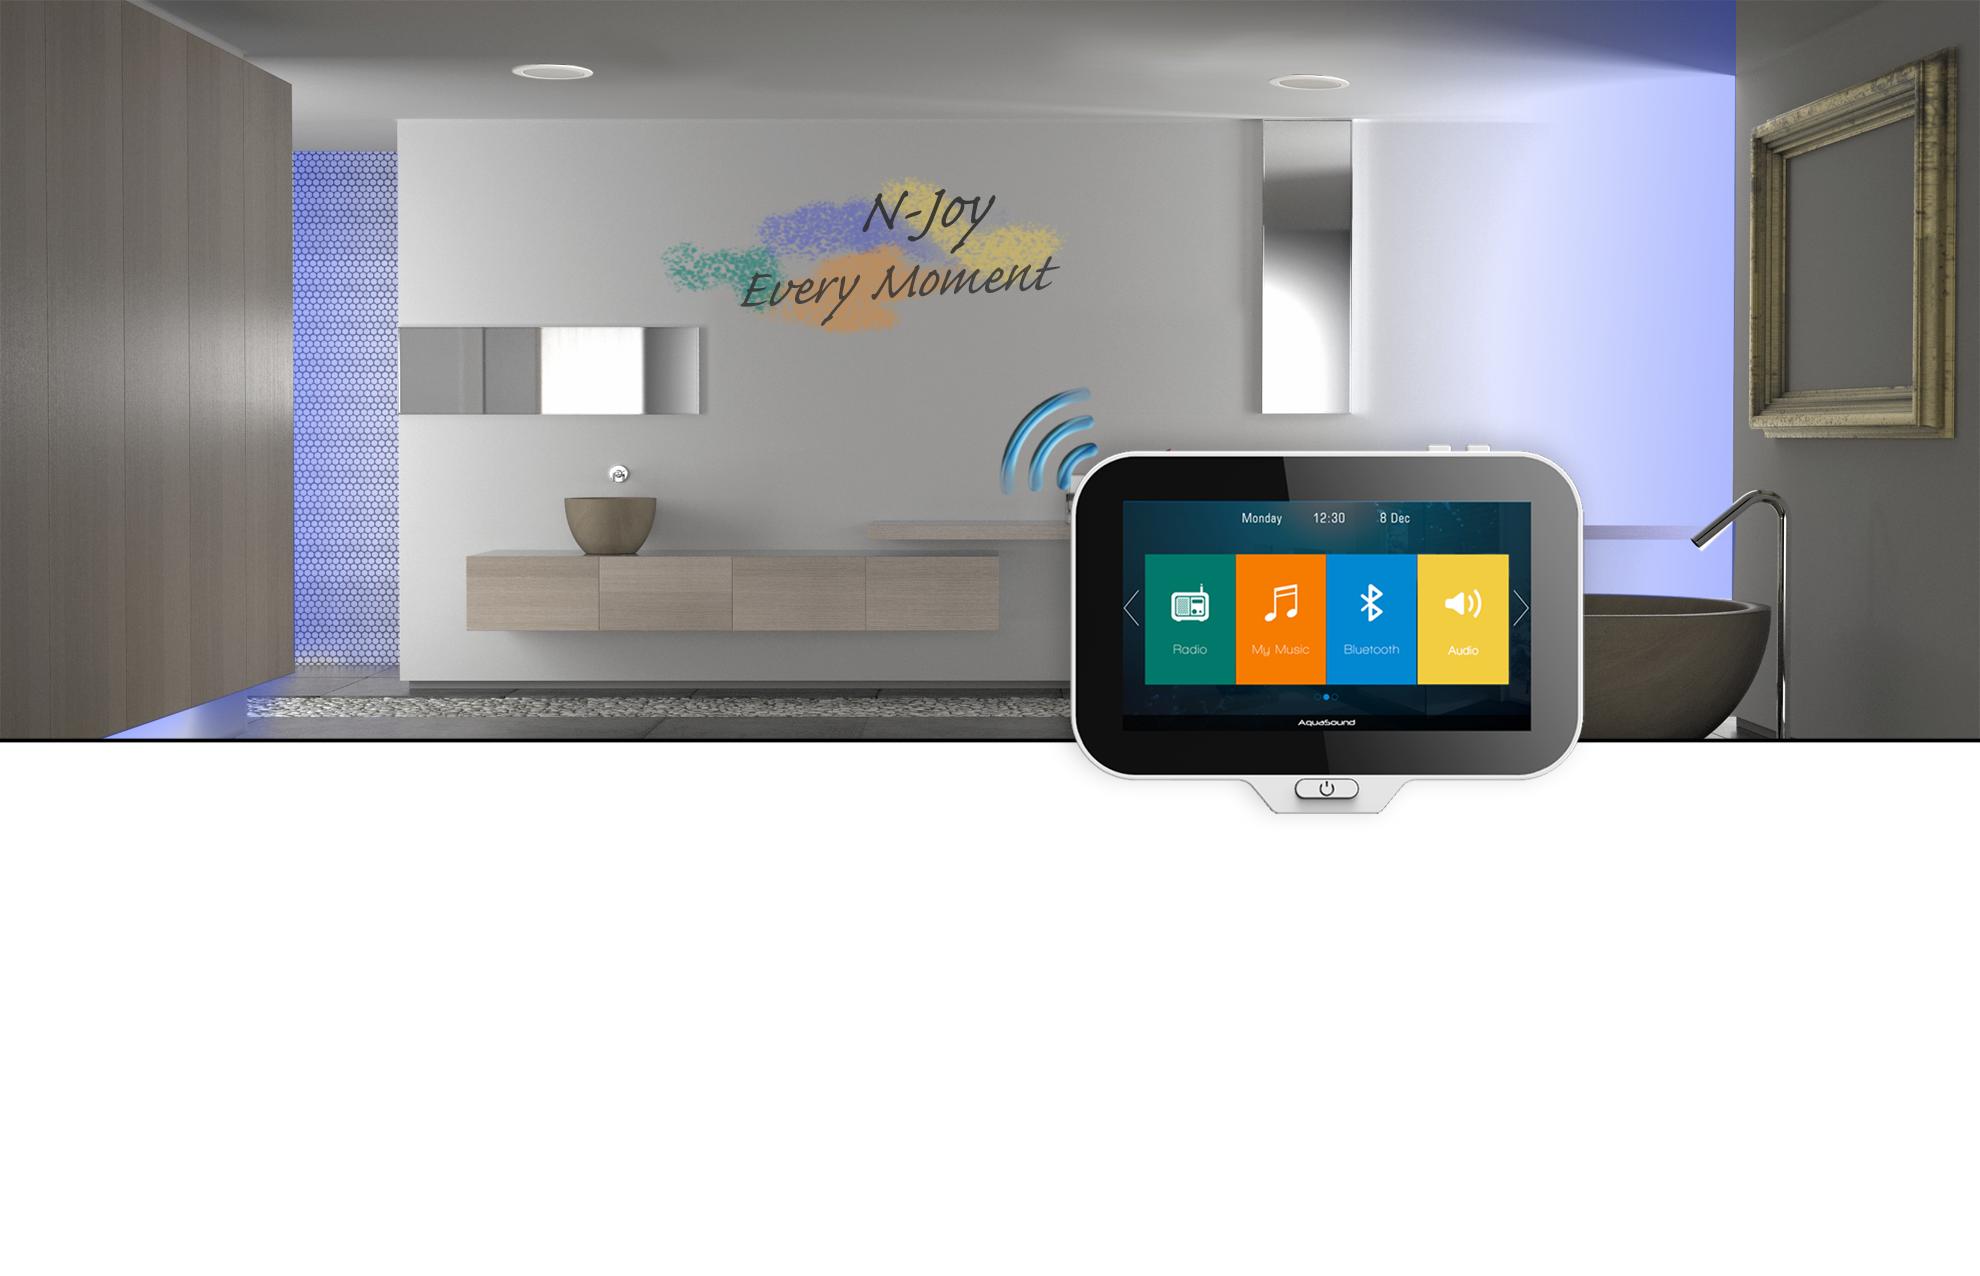 Inbouwradio Voor Badkamer : Aquasound inbouw radio systeem voor badkamer badkamer